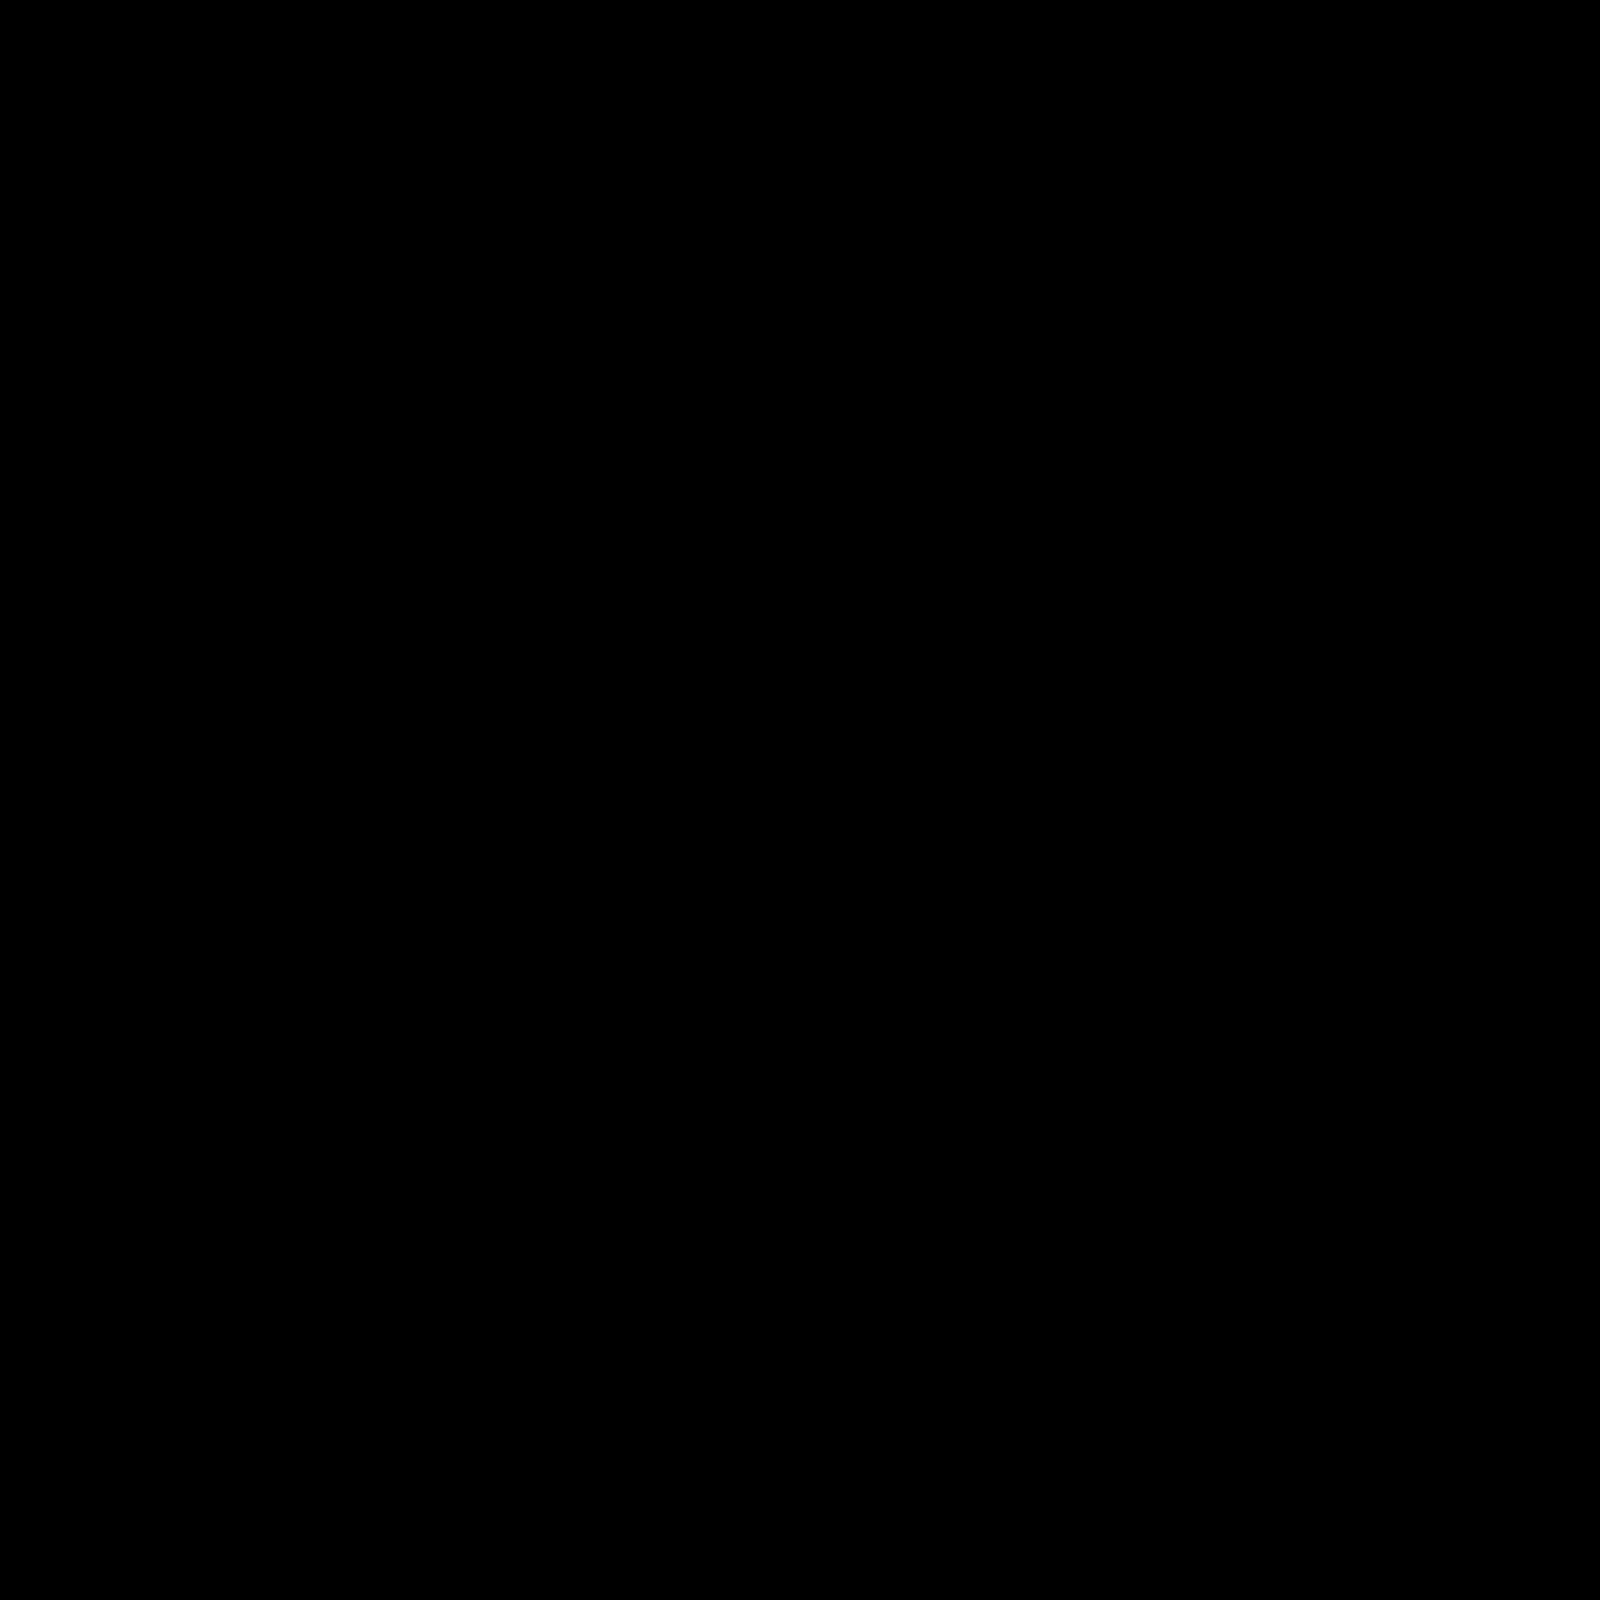 Закладка icon